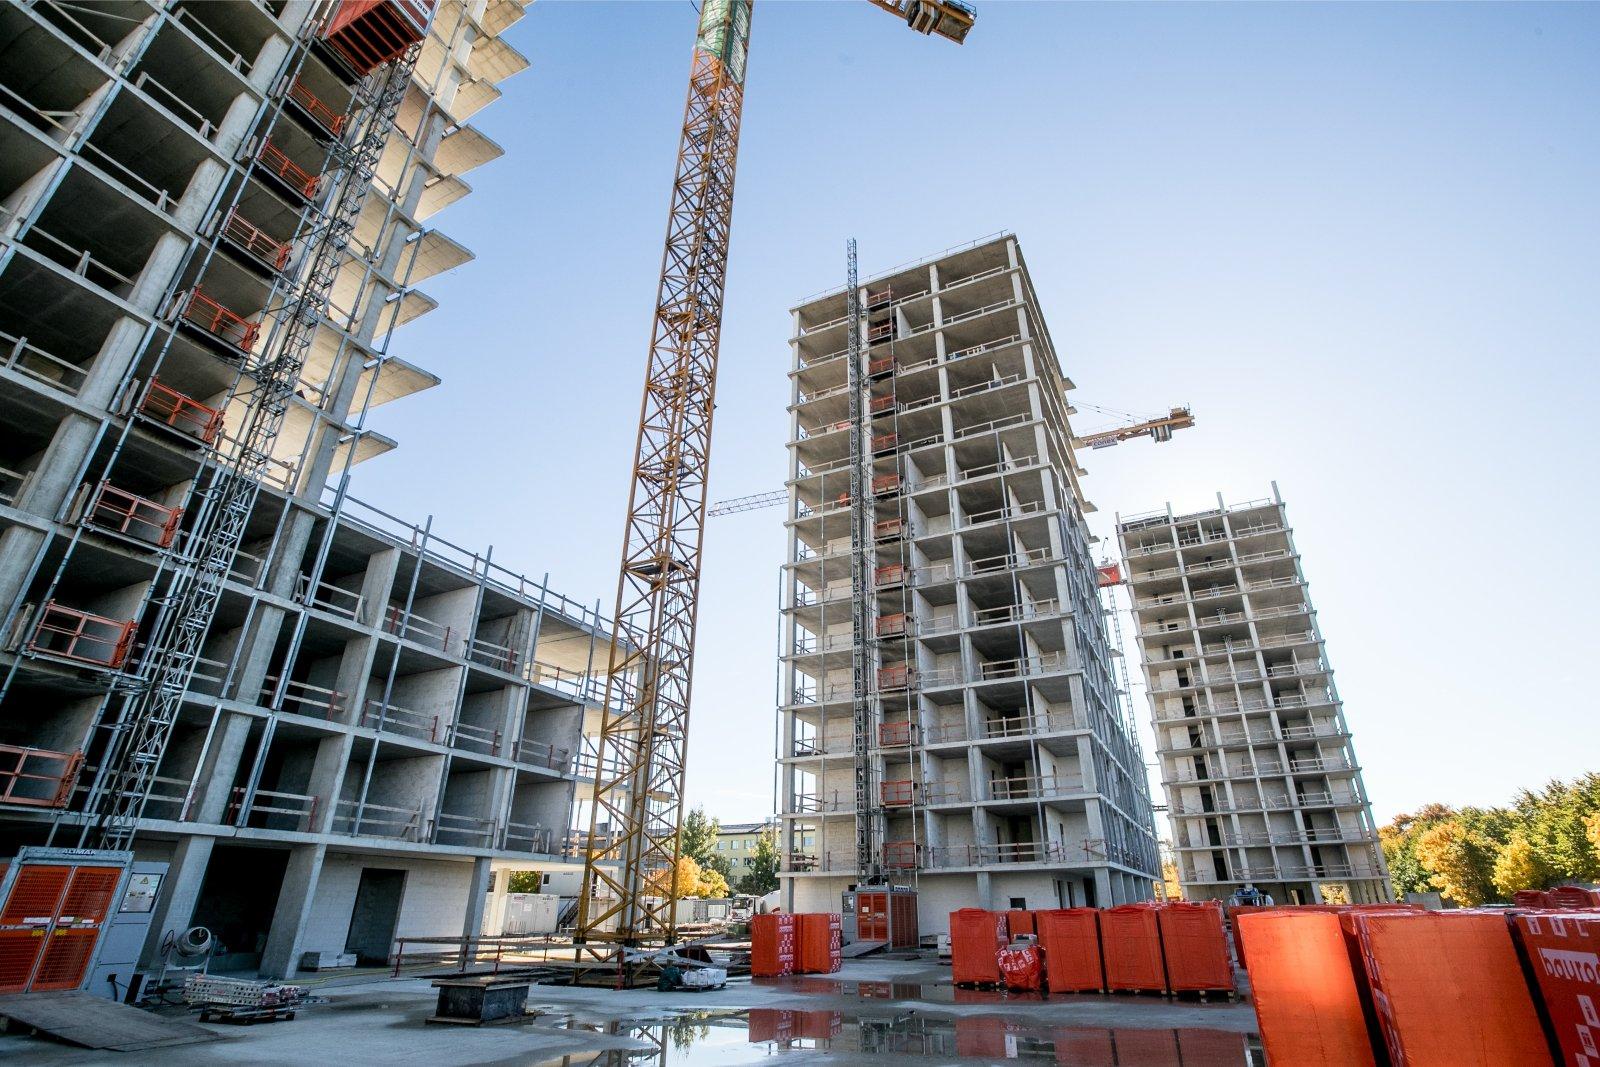 Nädala alguses kirjutas Ärileht Tallinna kesklinna arendusest nimega Kalevi Panorama. Seal on probleeme nii arendaja ja alltöövõtjate omavahelise läbisaamisega,